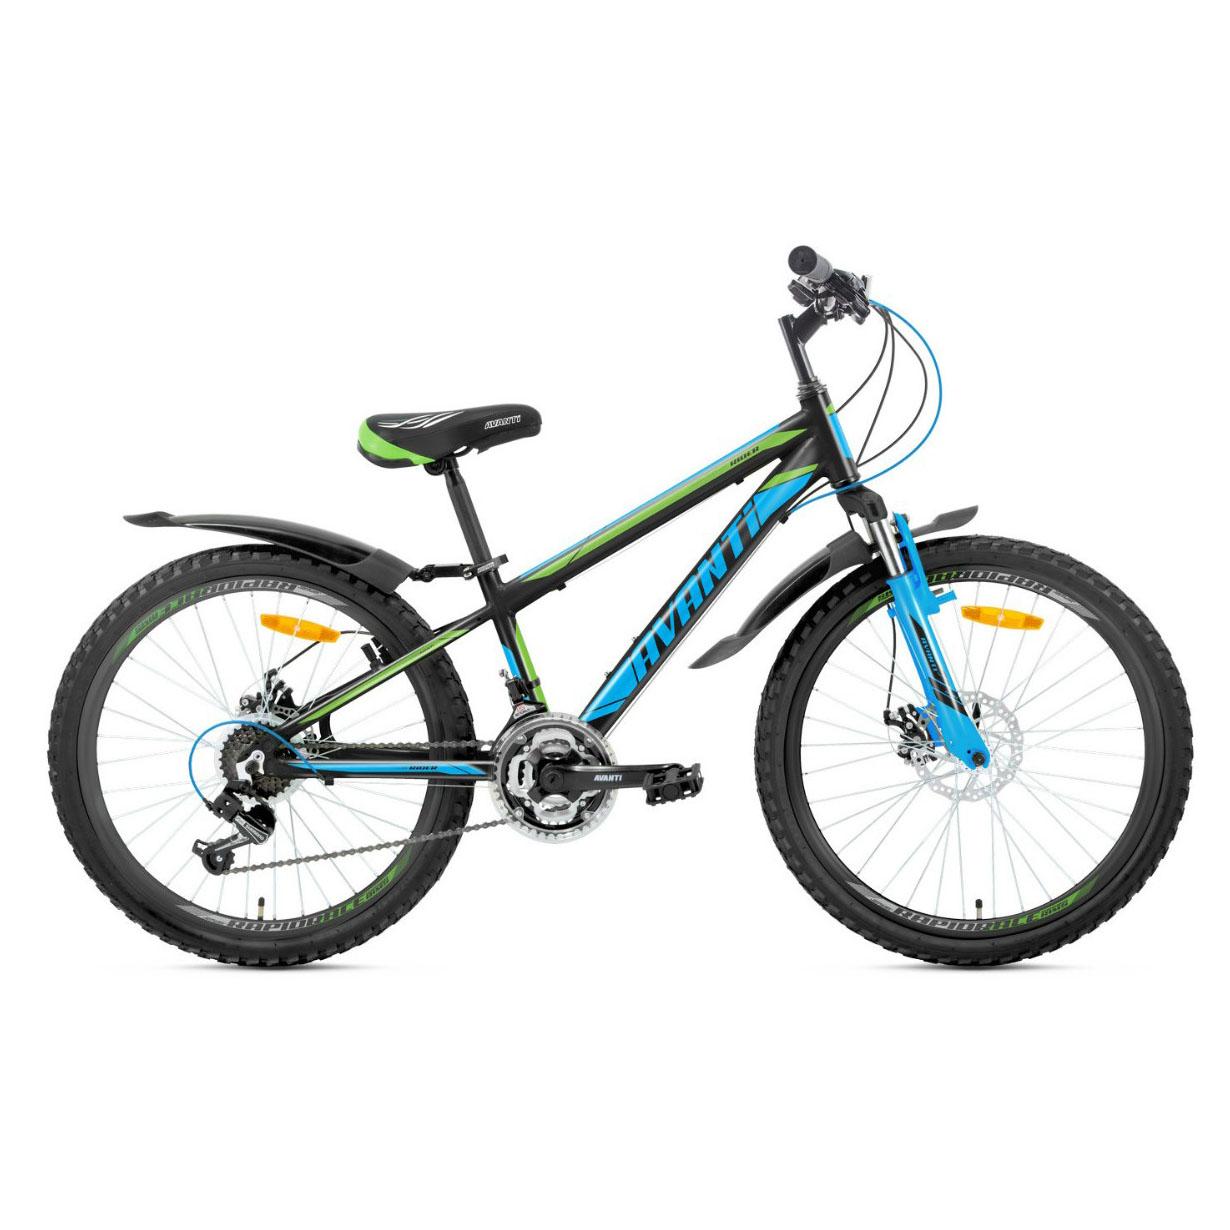 Фото Подростковый Велосипед 24 Avanti Rider disk 2018 черно-сине-зеленый